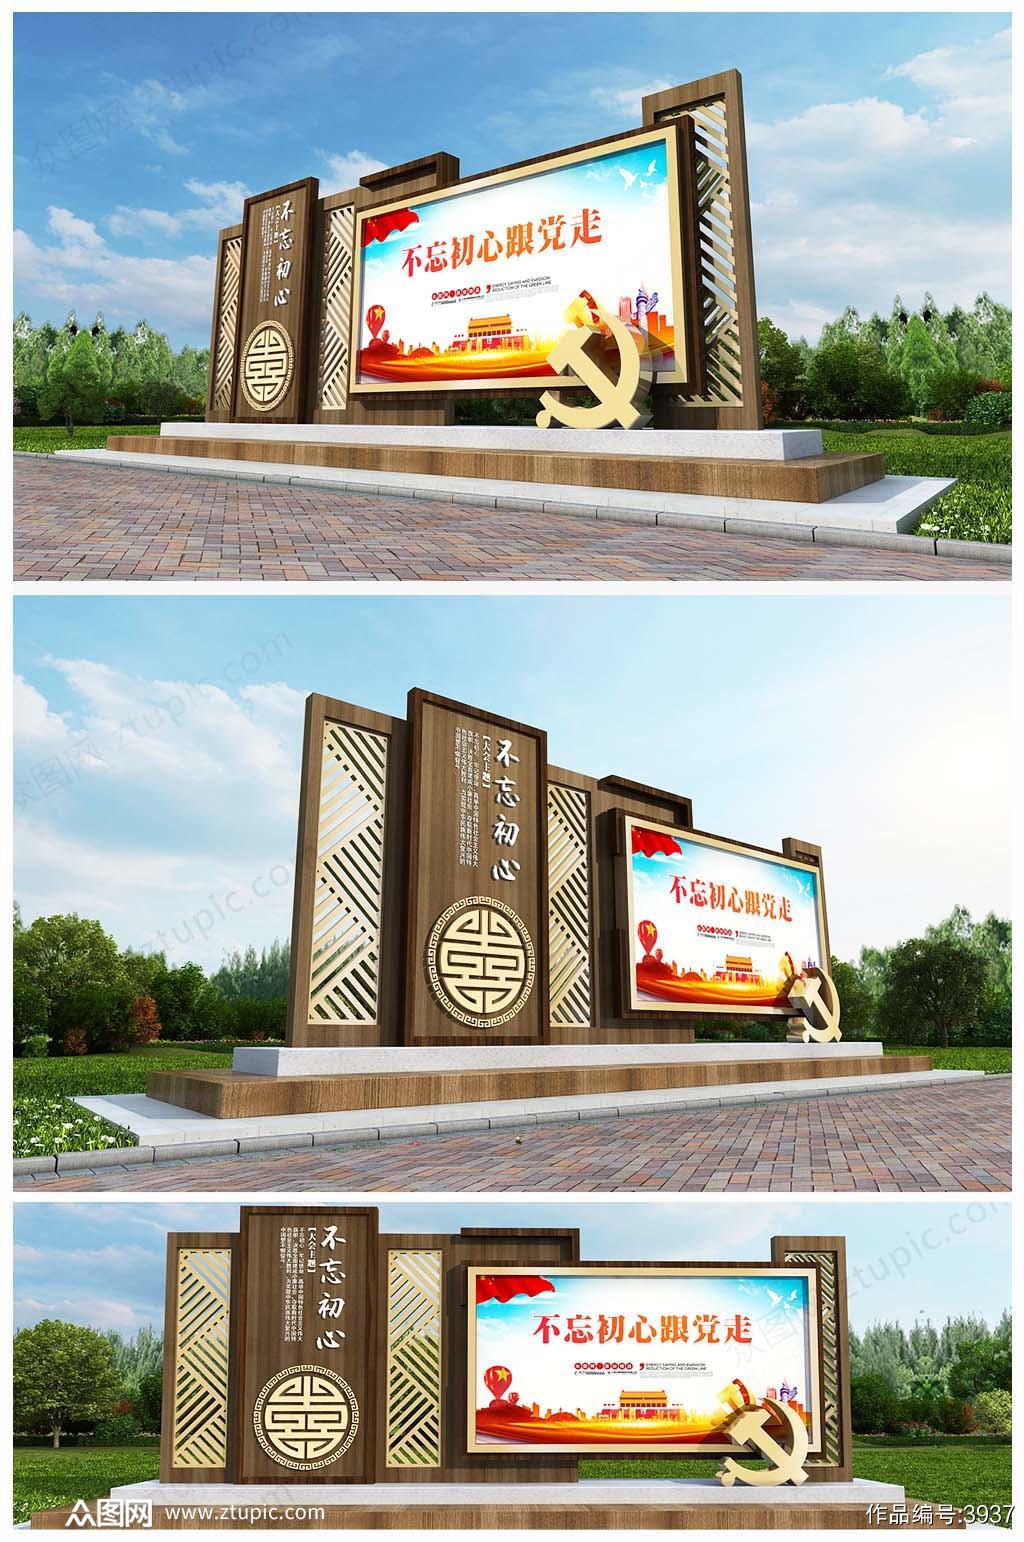 中国风户外党建宣传栏告示栏模板素材素材